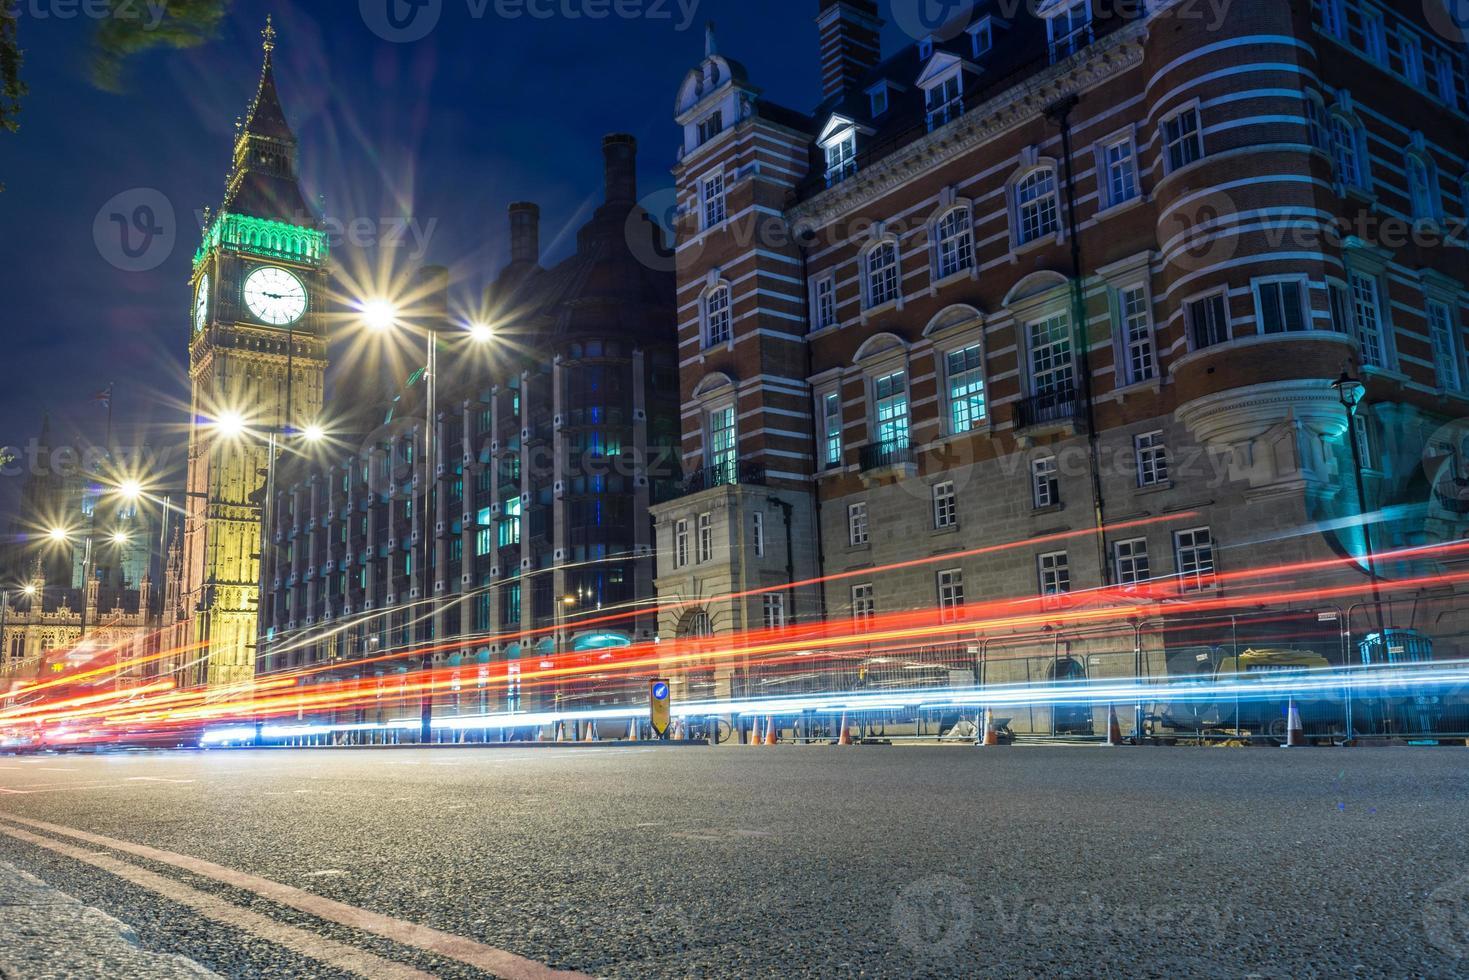 Big Ben 's nachts, Londen, Verenigd Koninkrijk foto